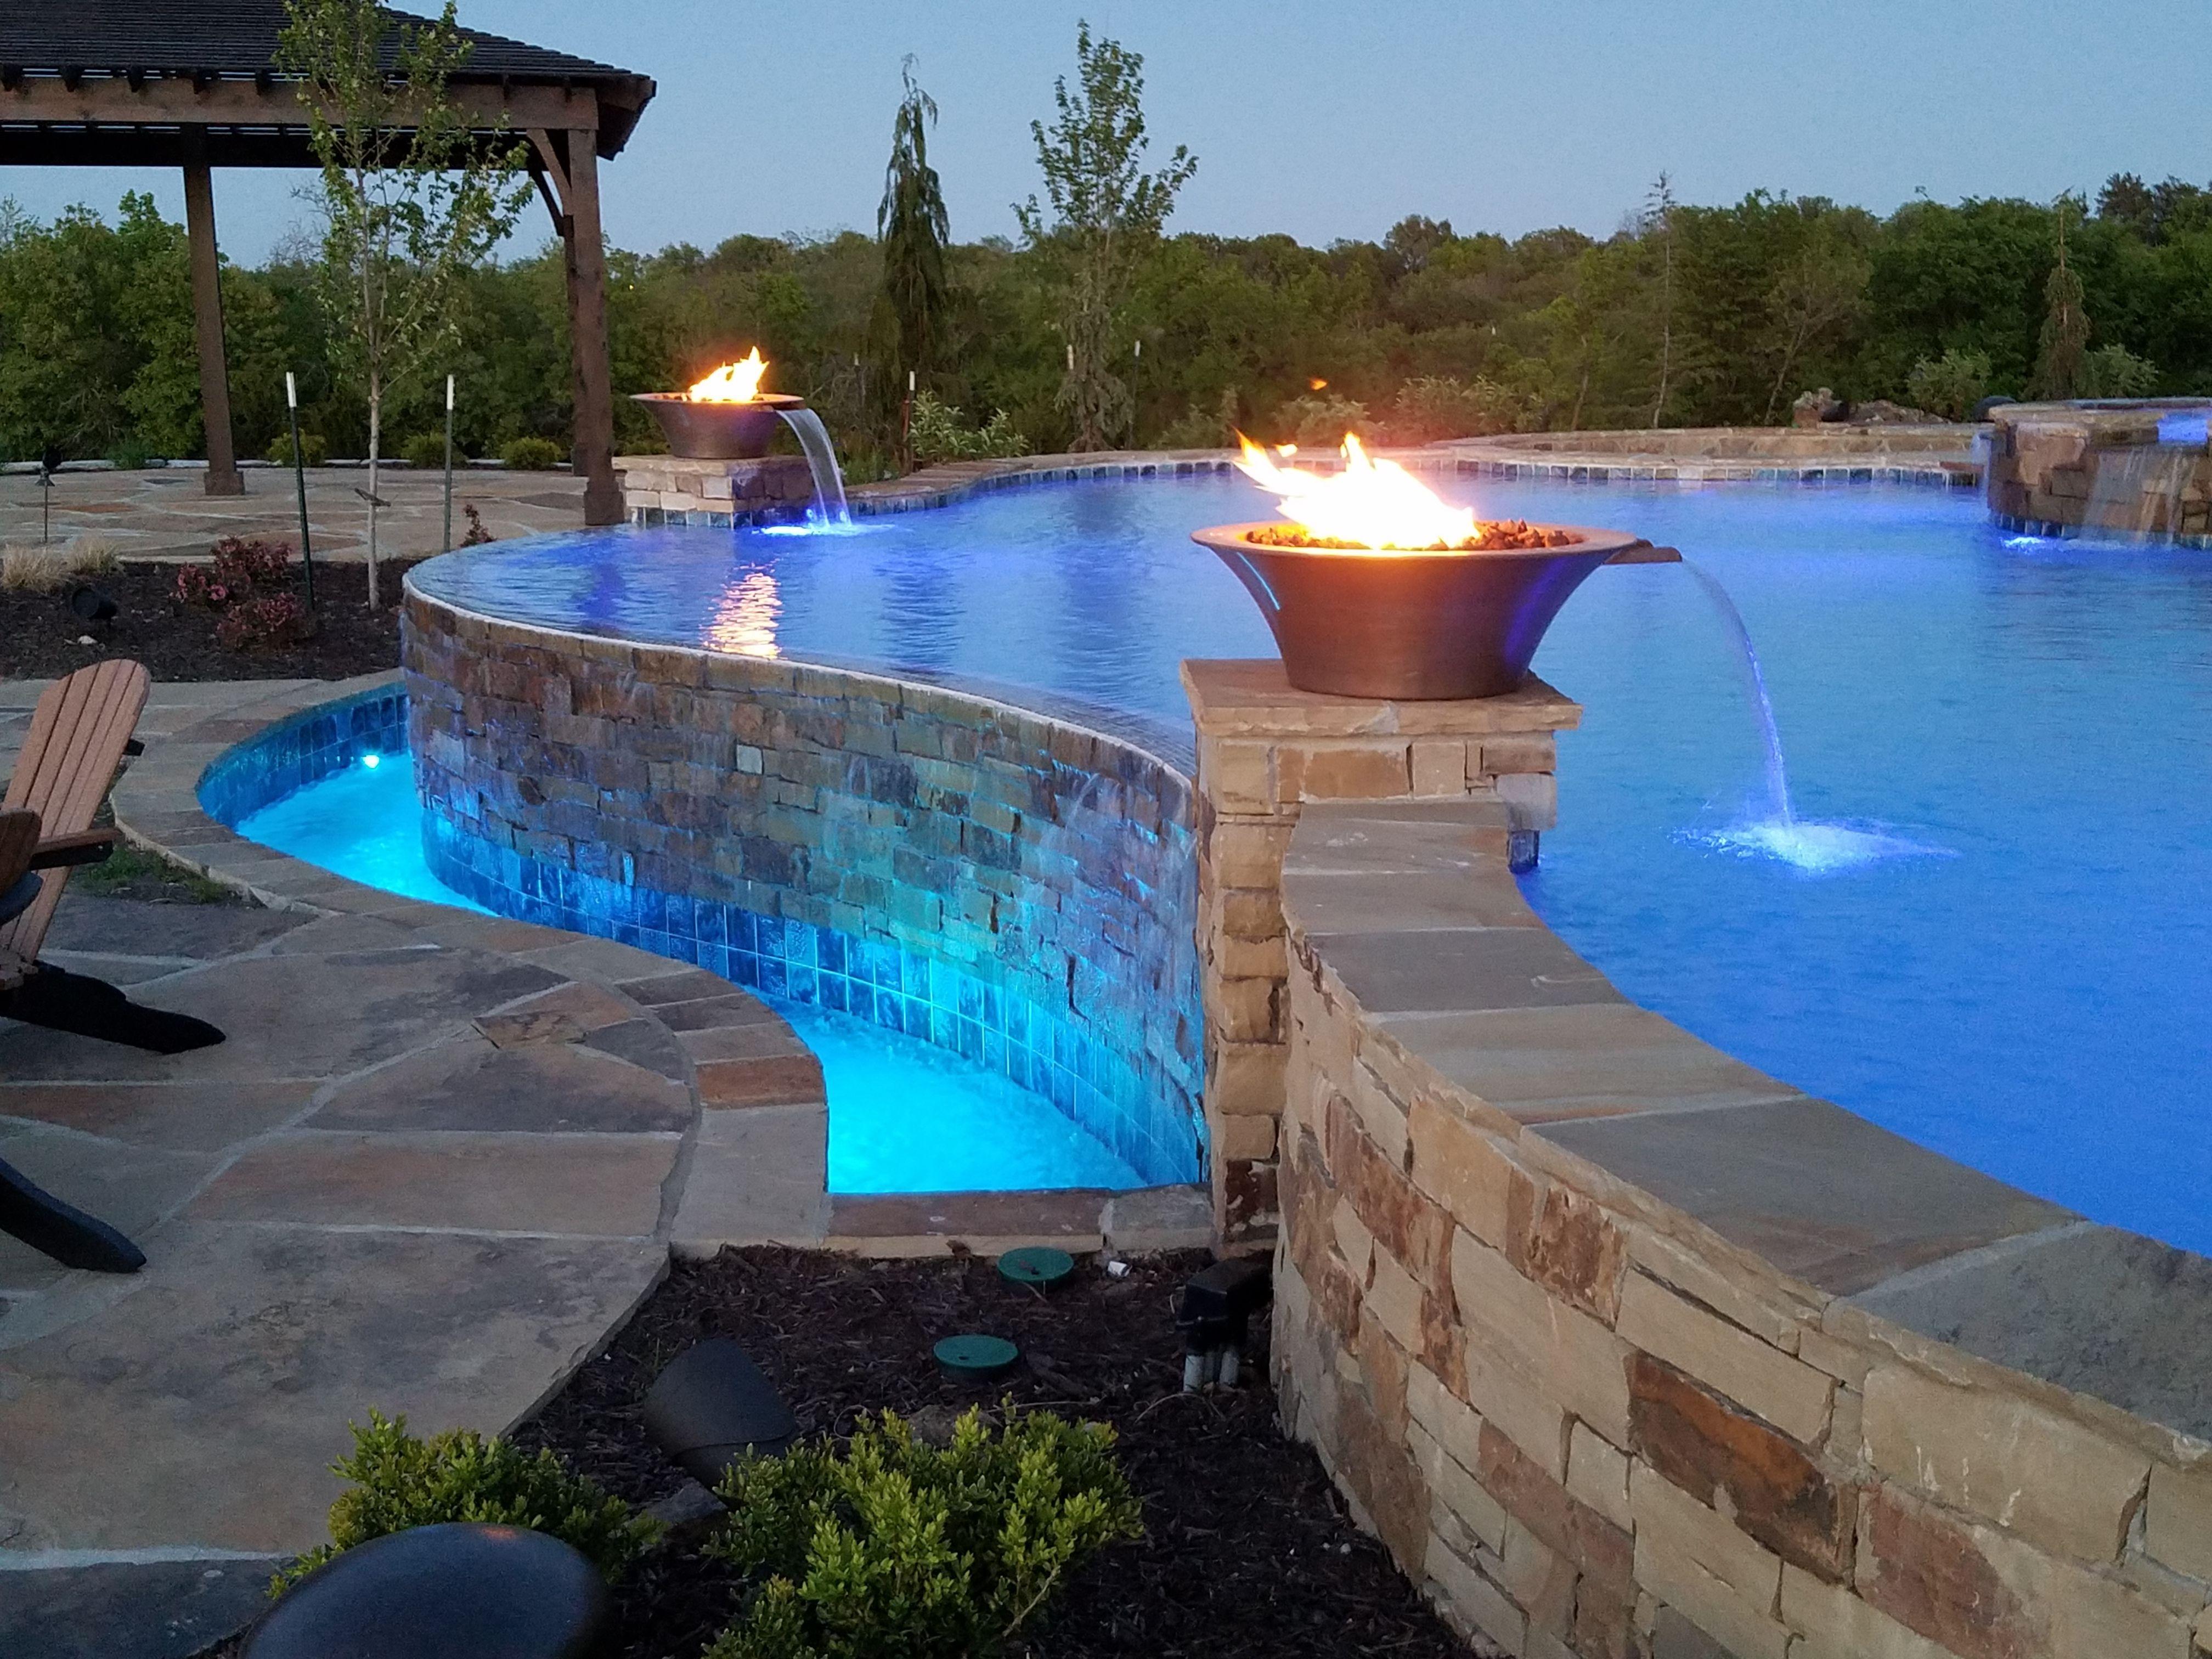 Infinity Edge Pool overlooking Lake in Lenexa Ks